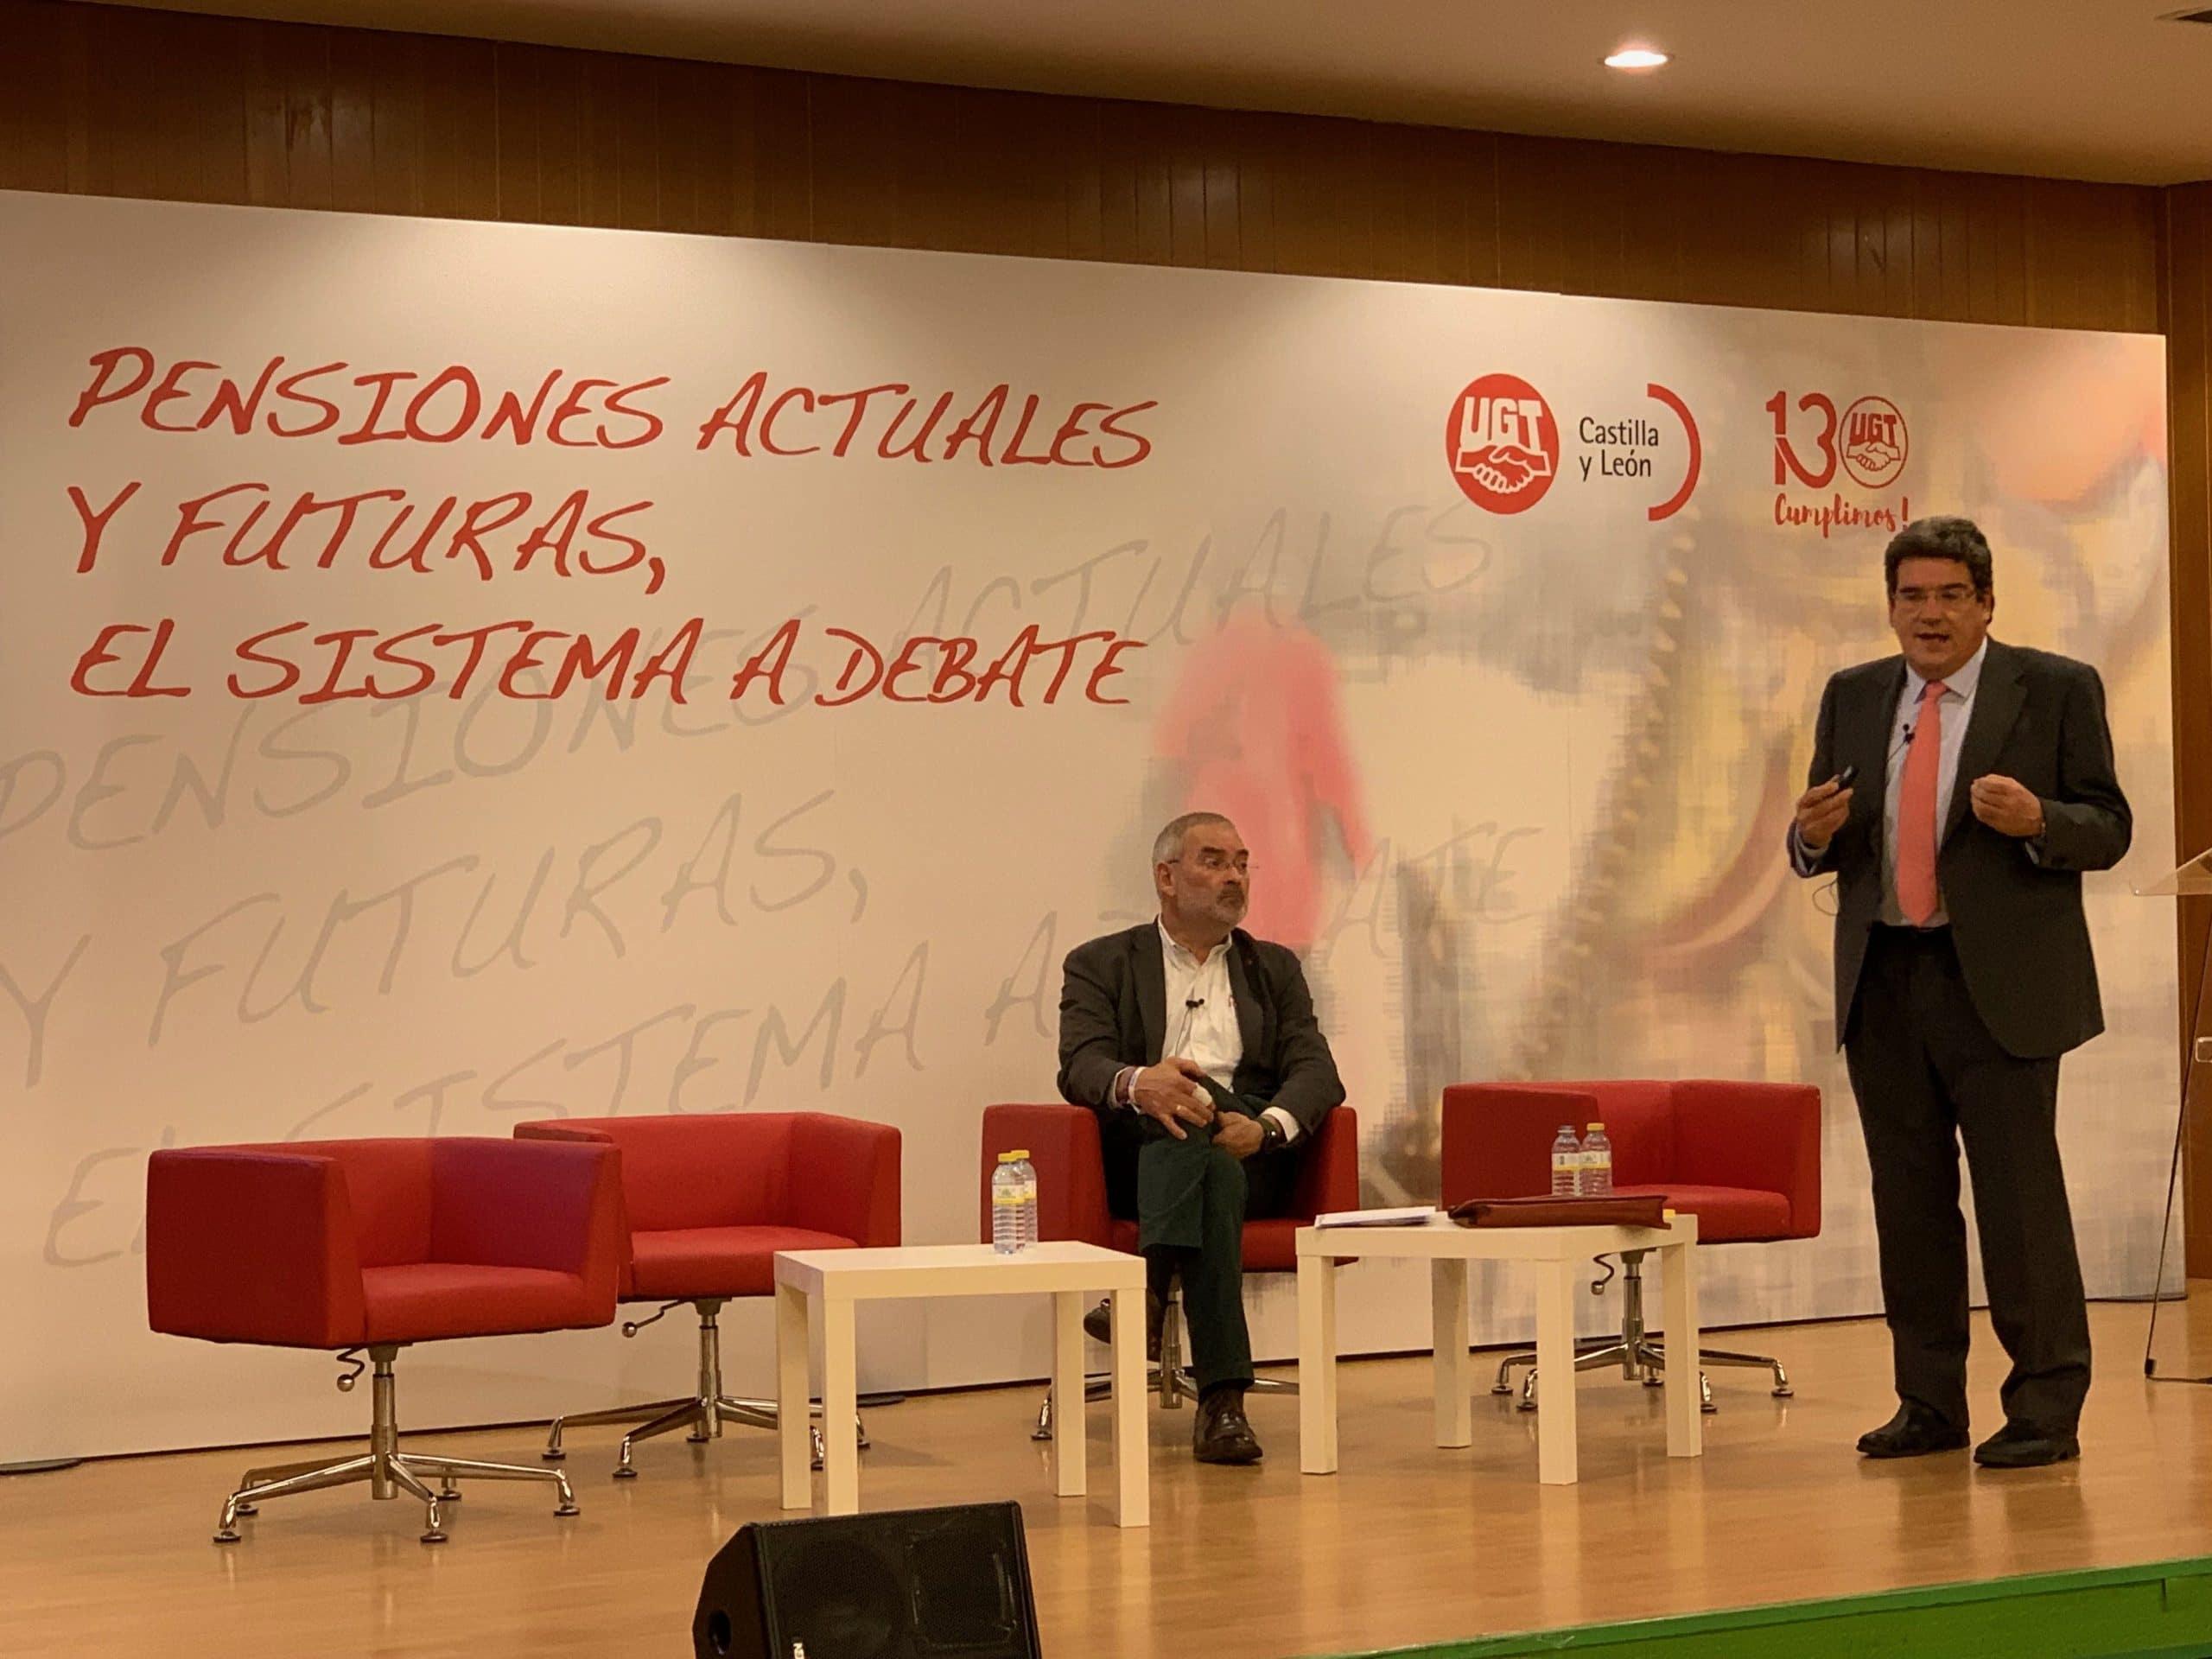 La AIReF pone a debate el sistema de pensiones actual